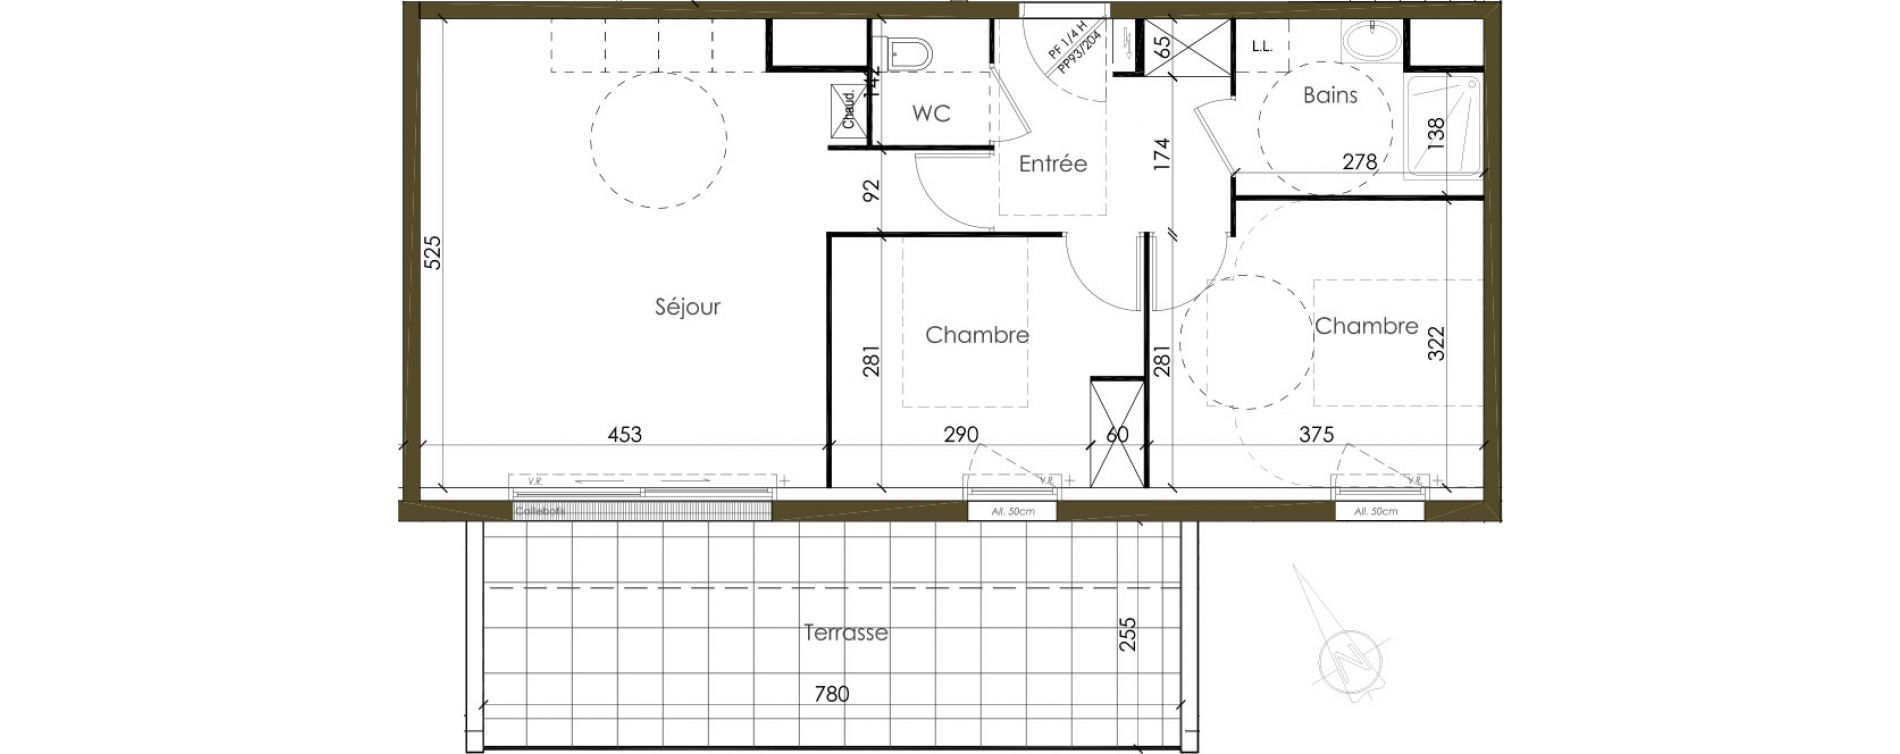 Appartement T3 de 60,00 m2 à Vannes Nord est